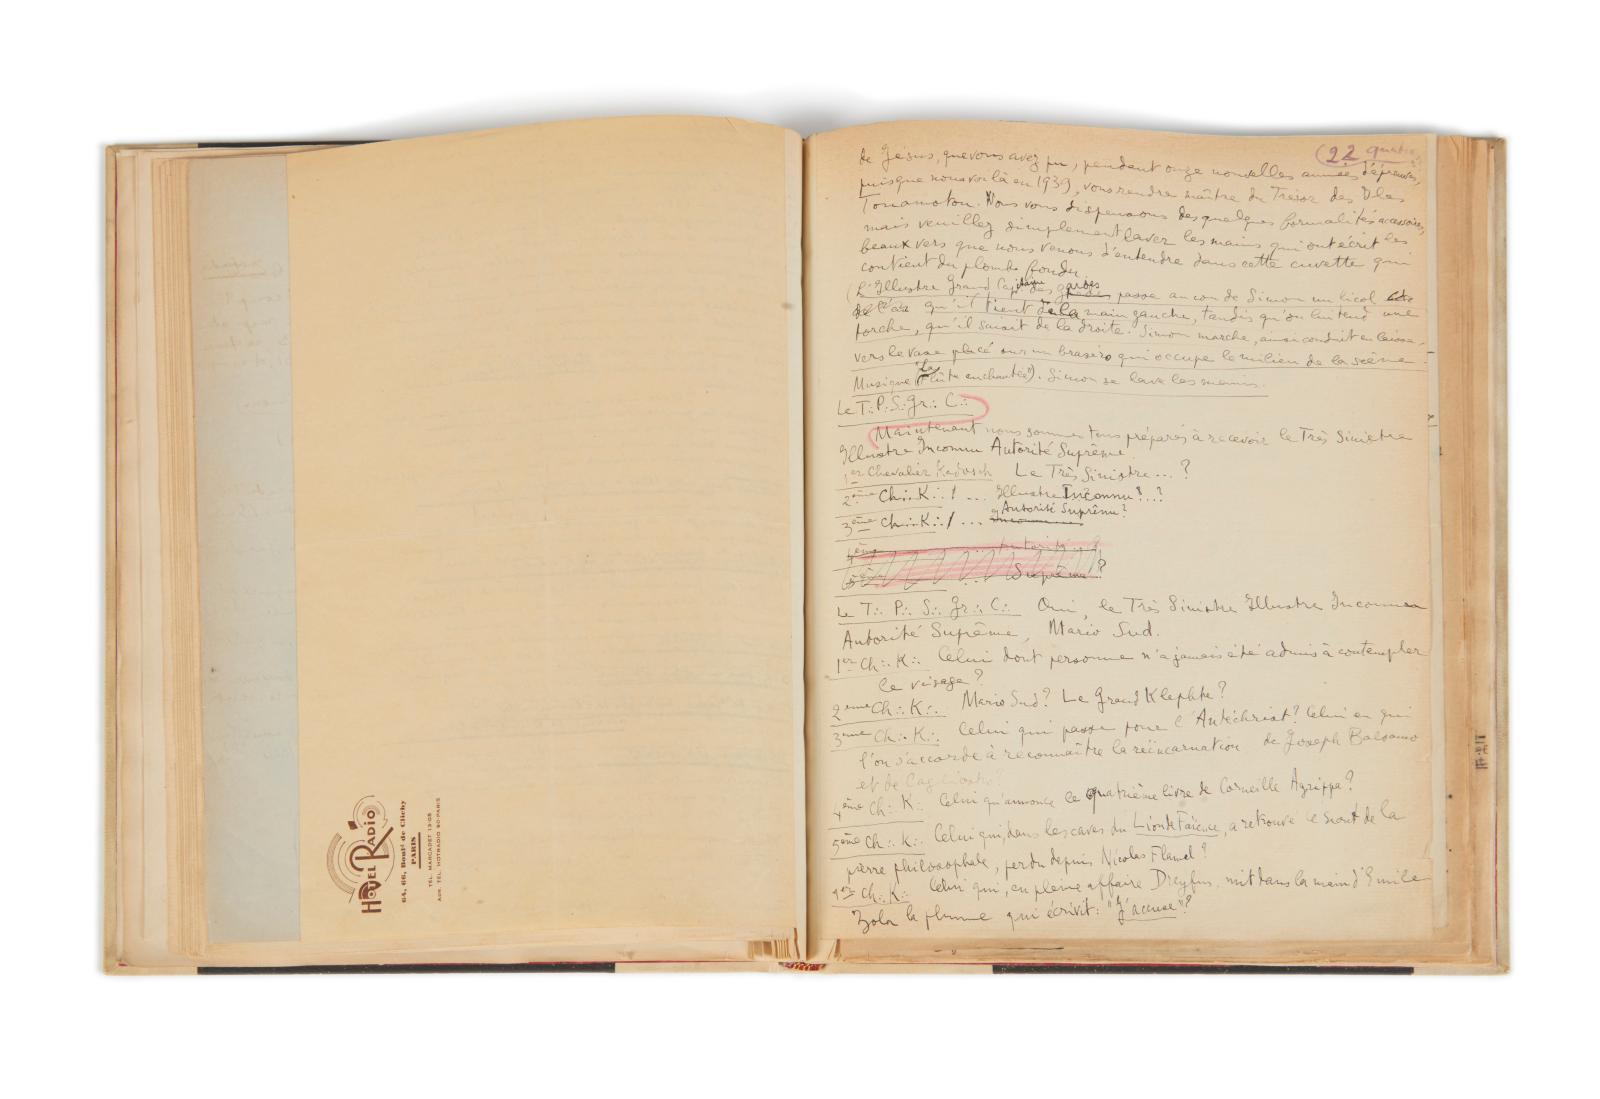 André Breton (1896-1966), Louis Aragon (1897-1982), Le Trésor des jésuites pièce surréaliste en trois tableaux et un prologue, manuscrit autographe, t